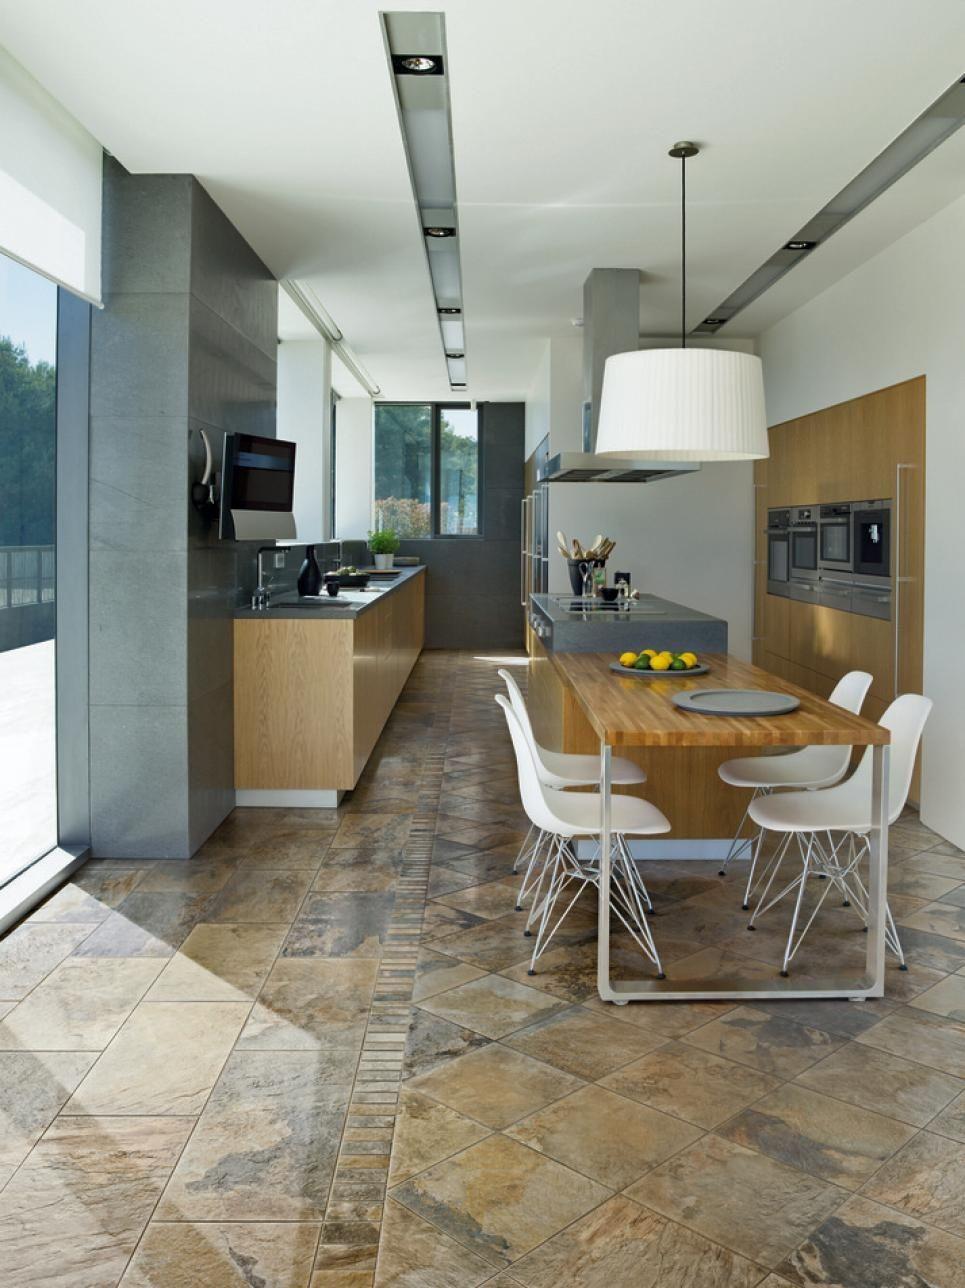 Porcelain kitchen floor tile ideas httpweb4top pinterest porcelain kitchen floor tile ideas dailygadgetfo Choice Image